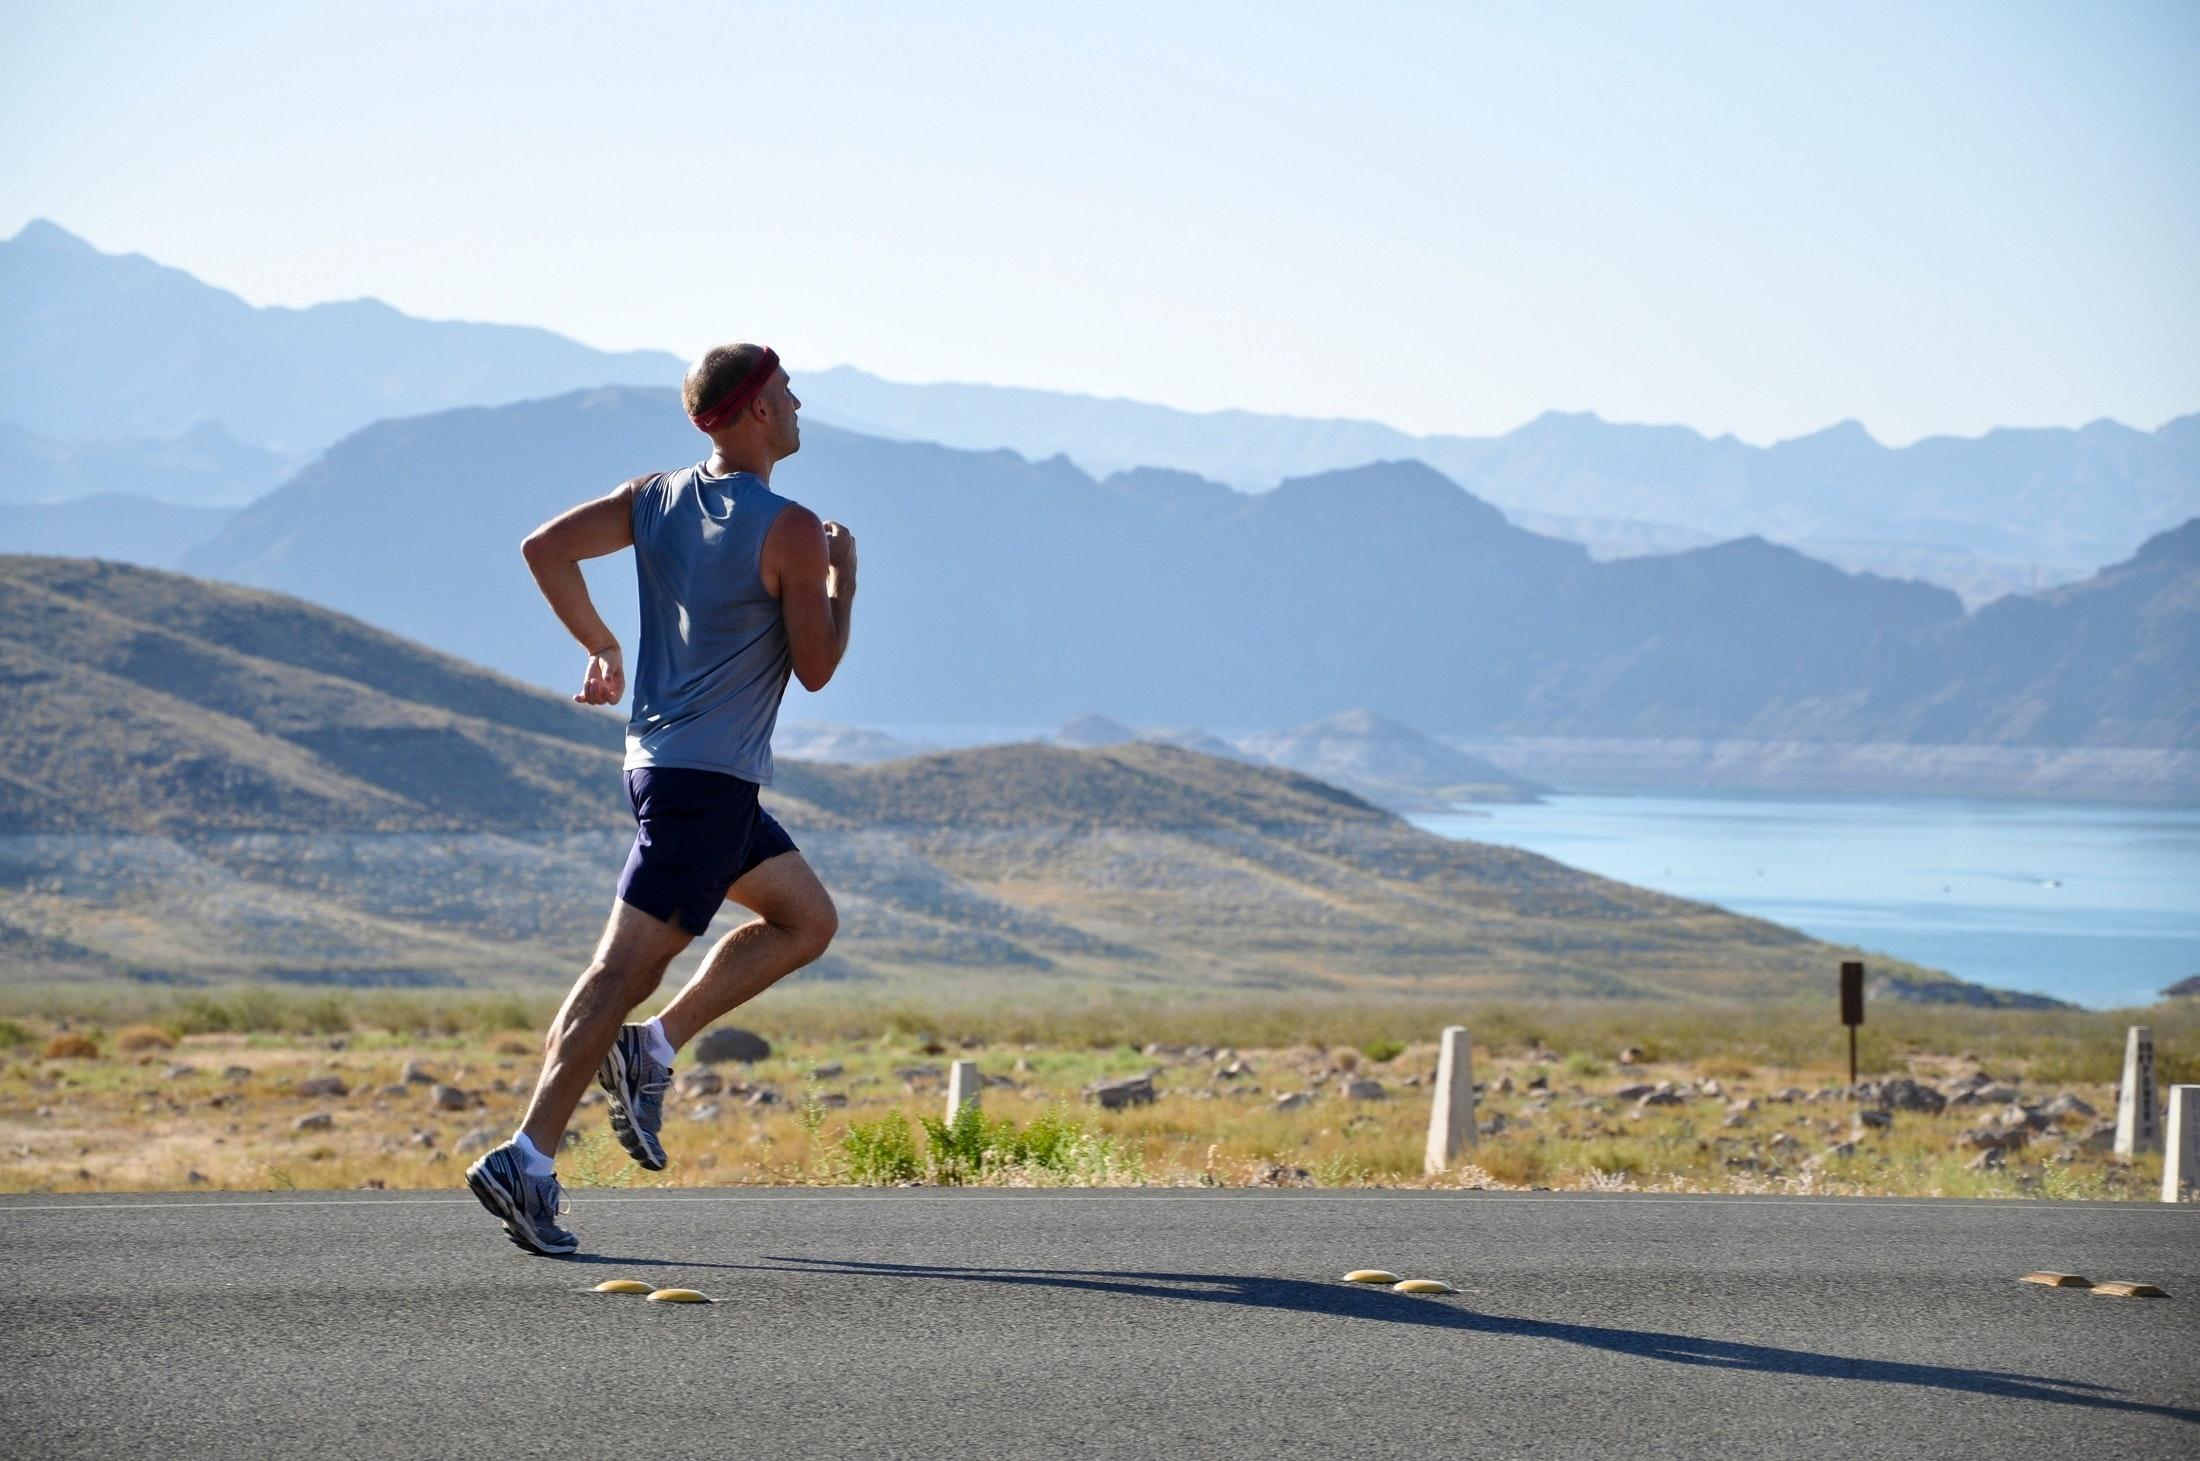 Daran erkennst Du gute Bekleidung fürs Laufen